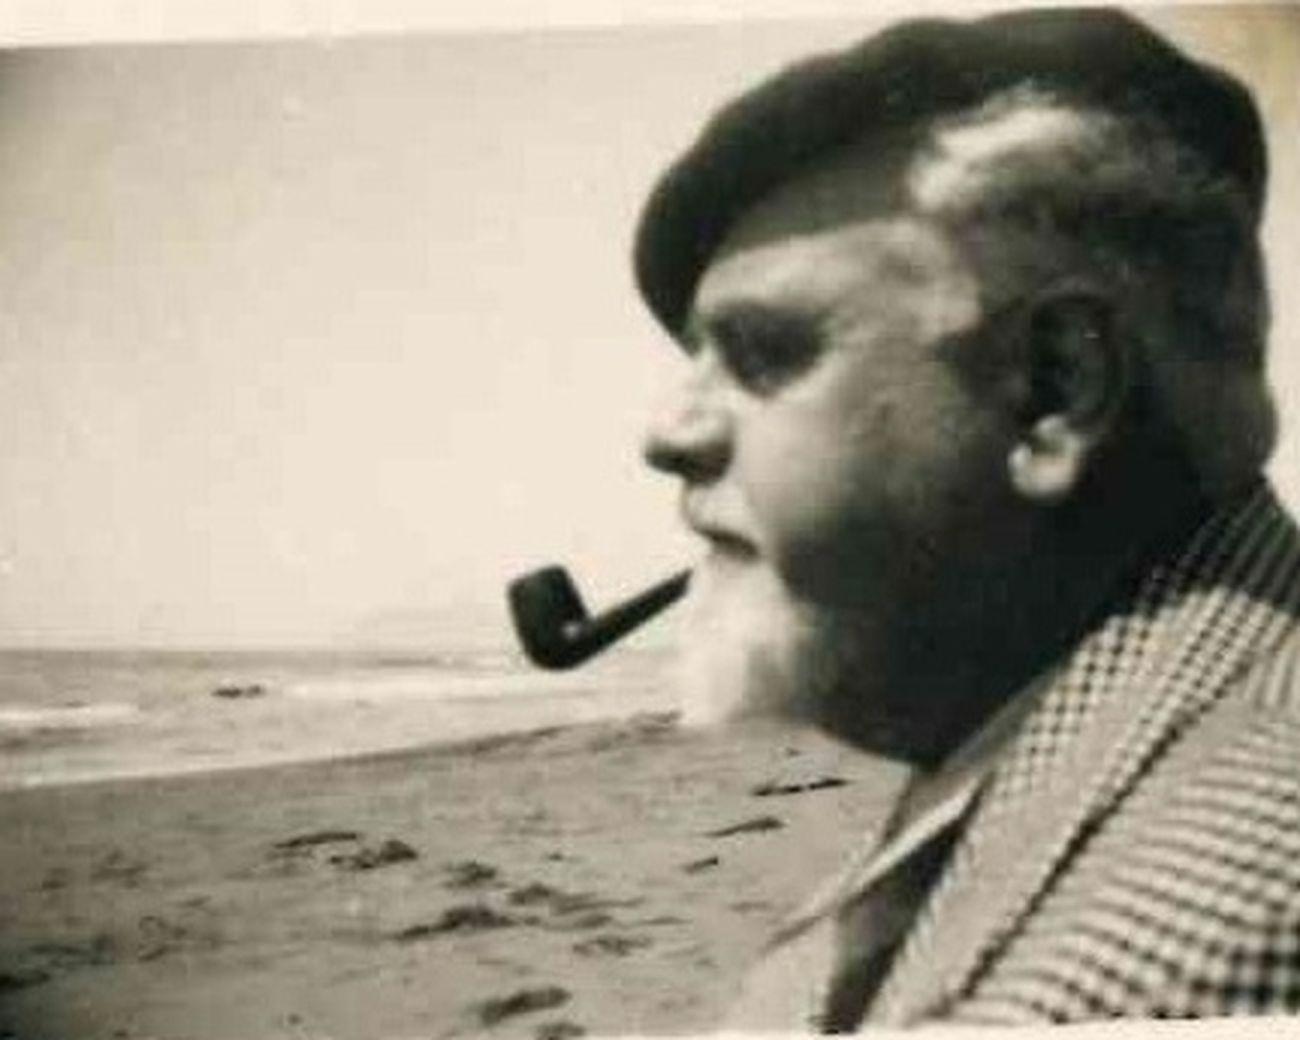 Duilio Cambellotti sulla spiaggia, aprile 1934